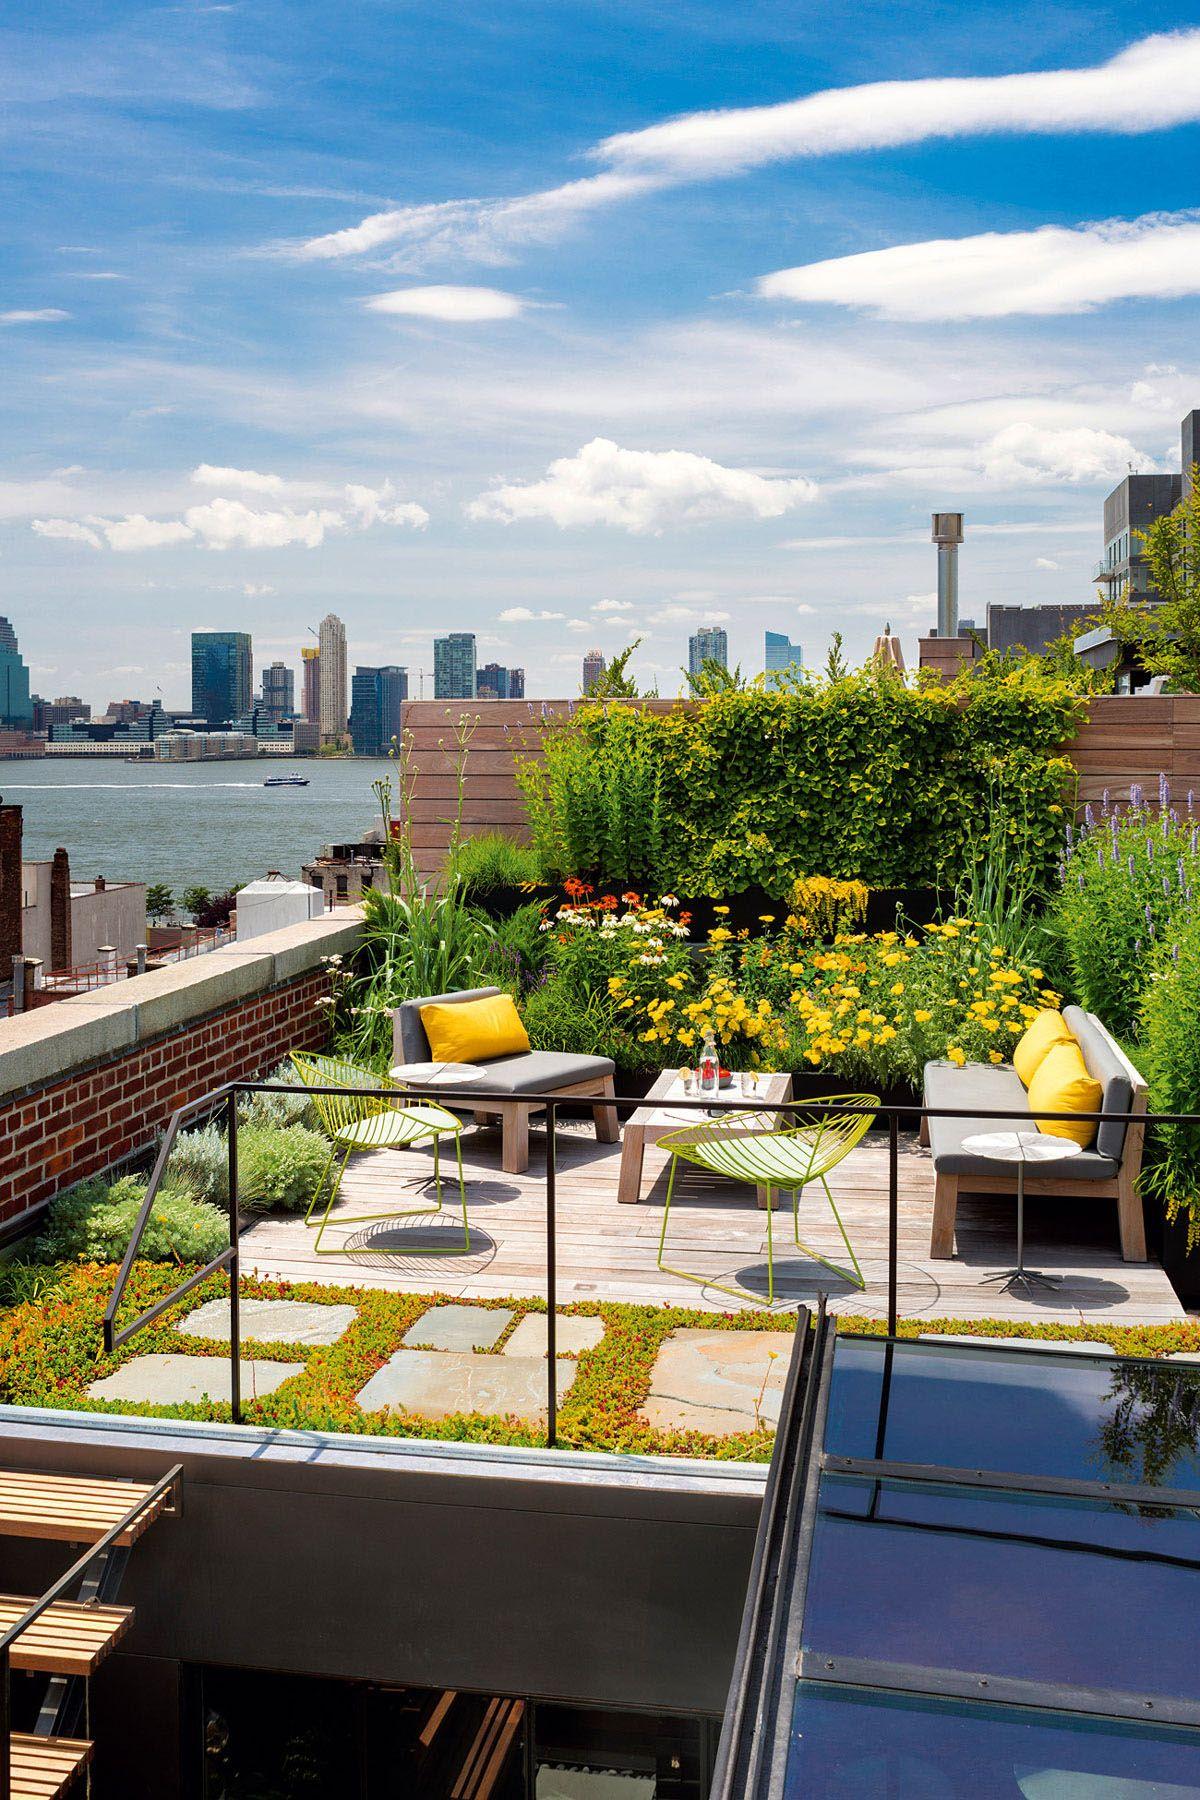 New York City Apartment Roof Garden #NYC #rooftopgarden # ...